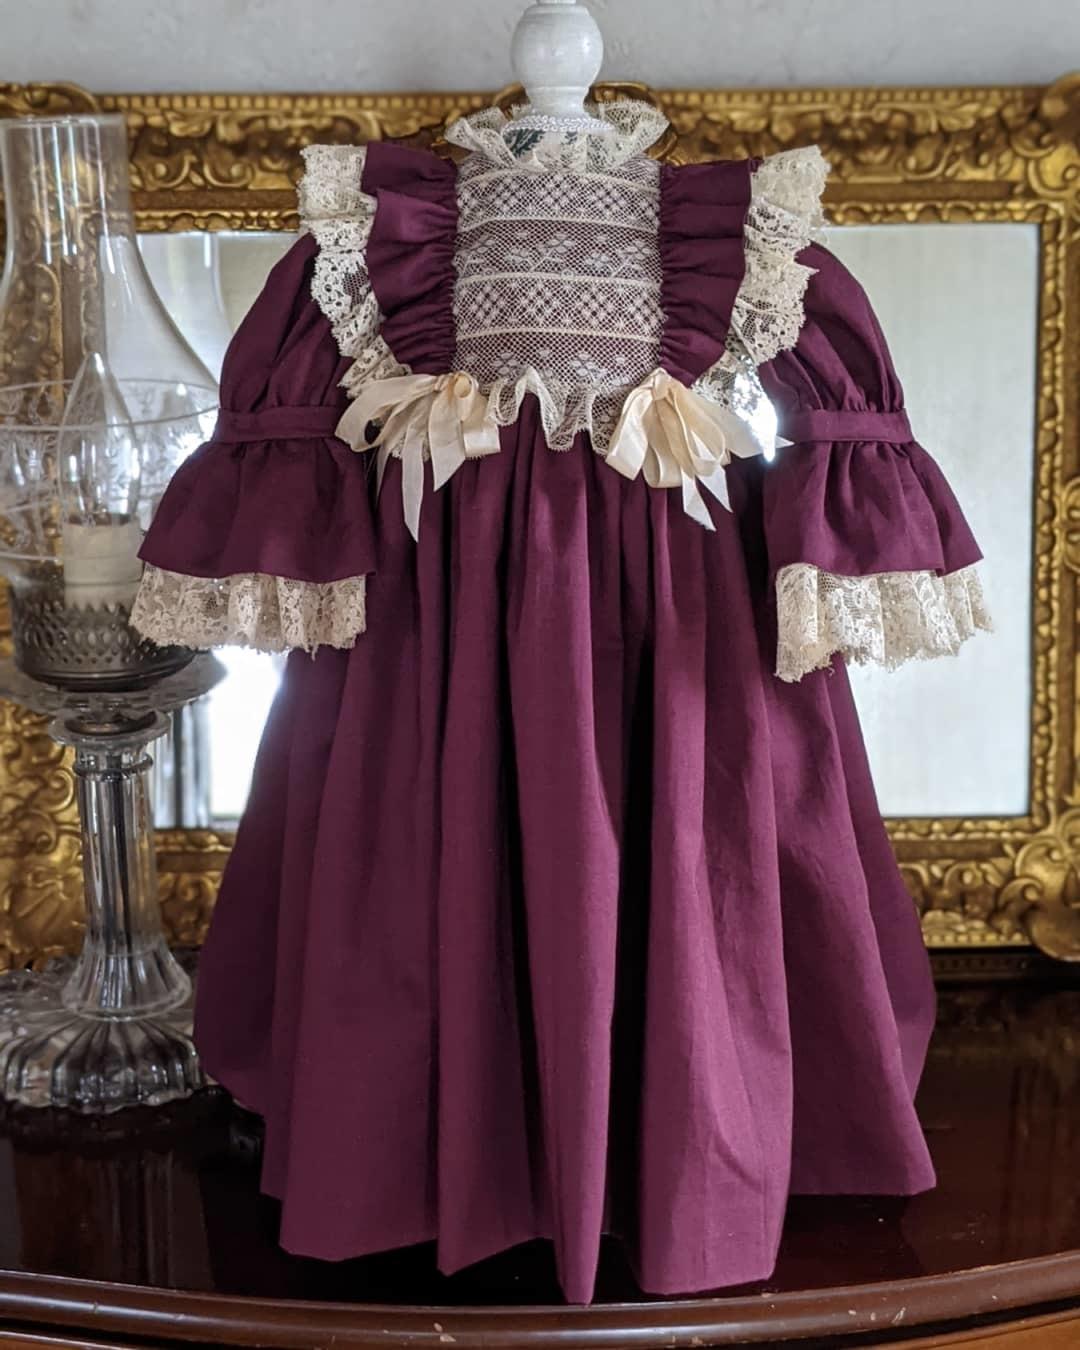 三つ折れさんの洋装完成_b0289206_19441551.jpg